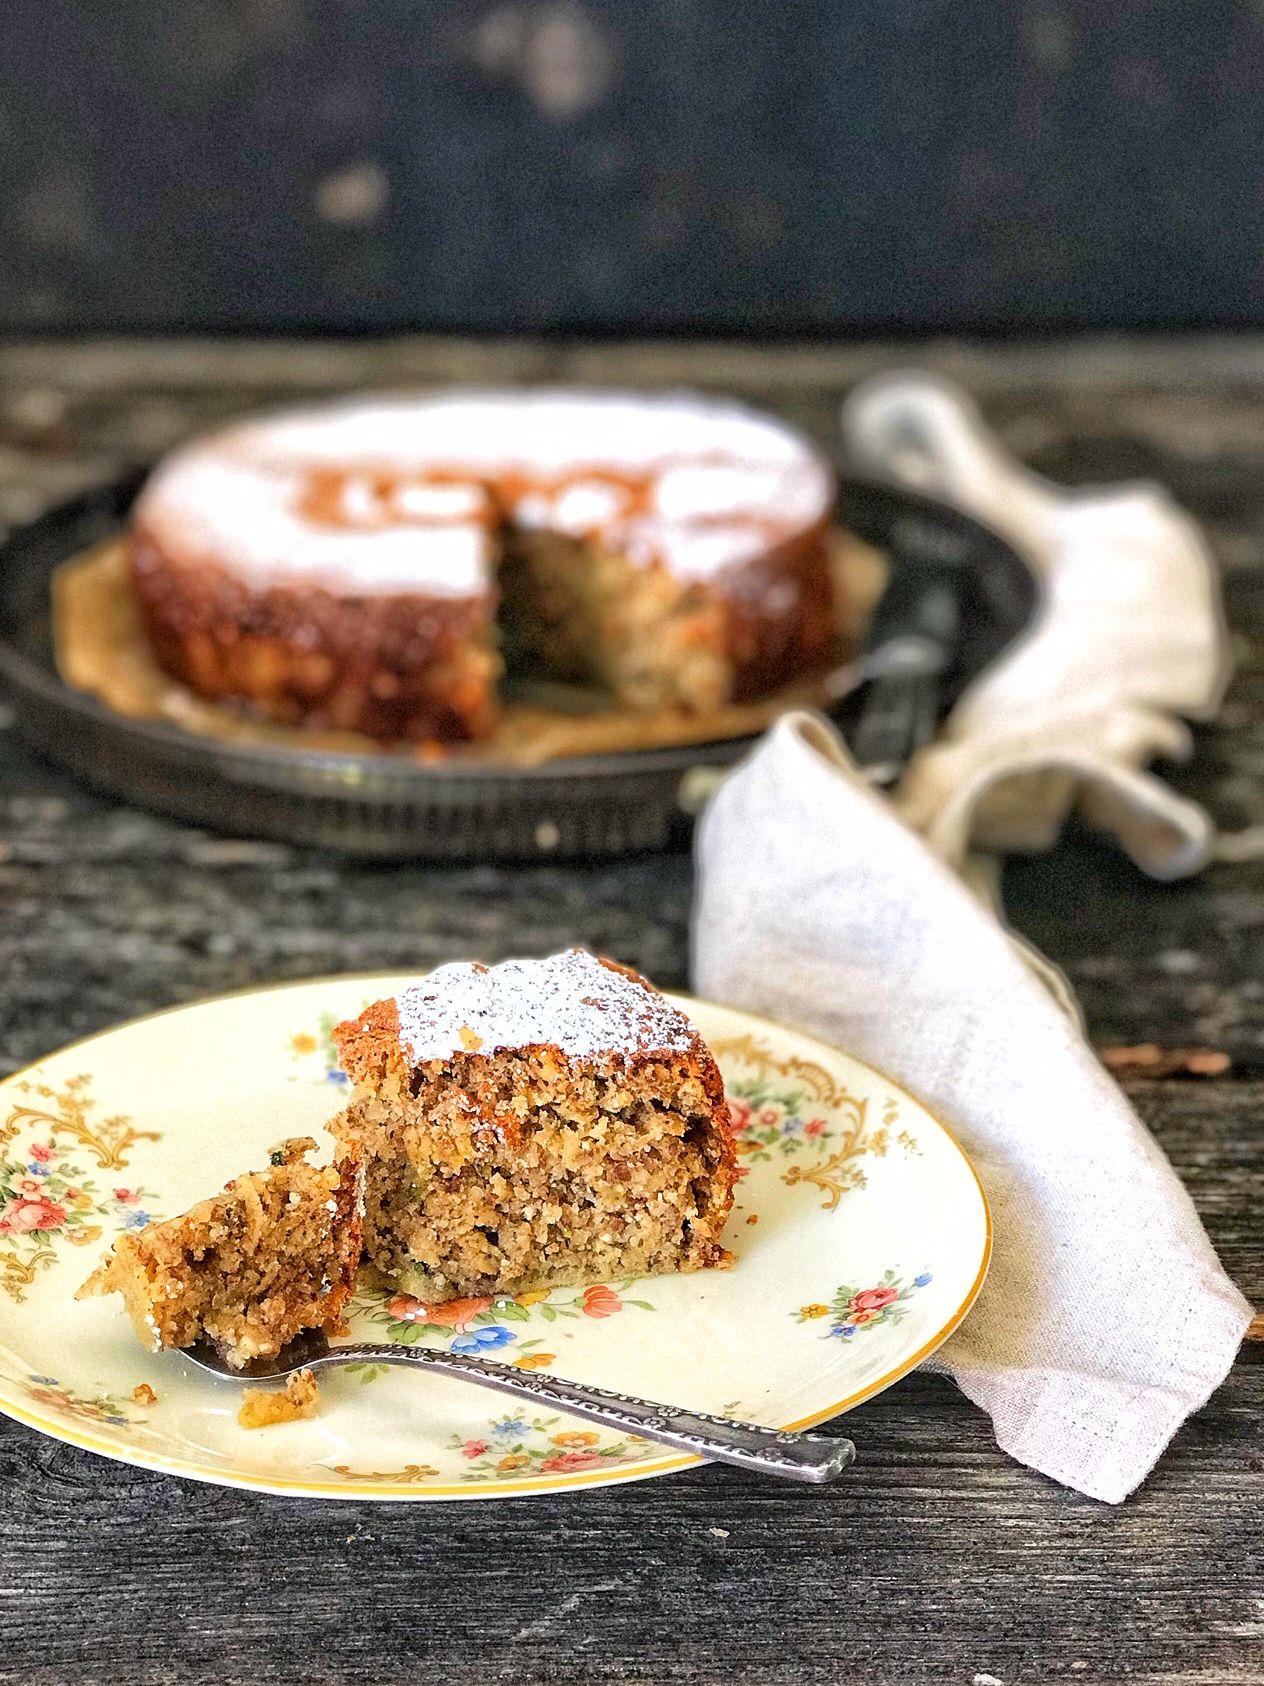 Einfacher Zucchini Nuss Kuchen Mit Apfel Zucchini Kuchen Kuchen Ohne Zucker Und Mehl Apfel Nuss Kuchen